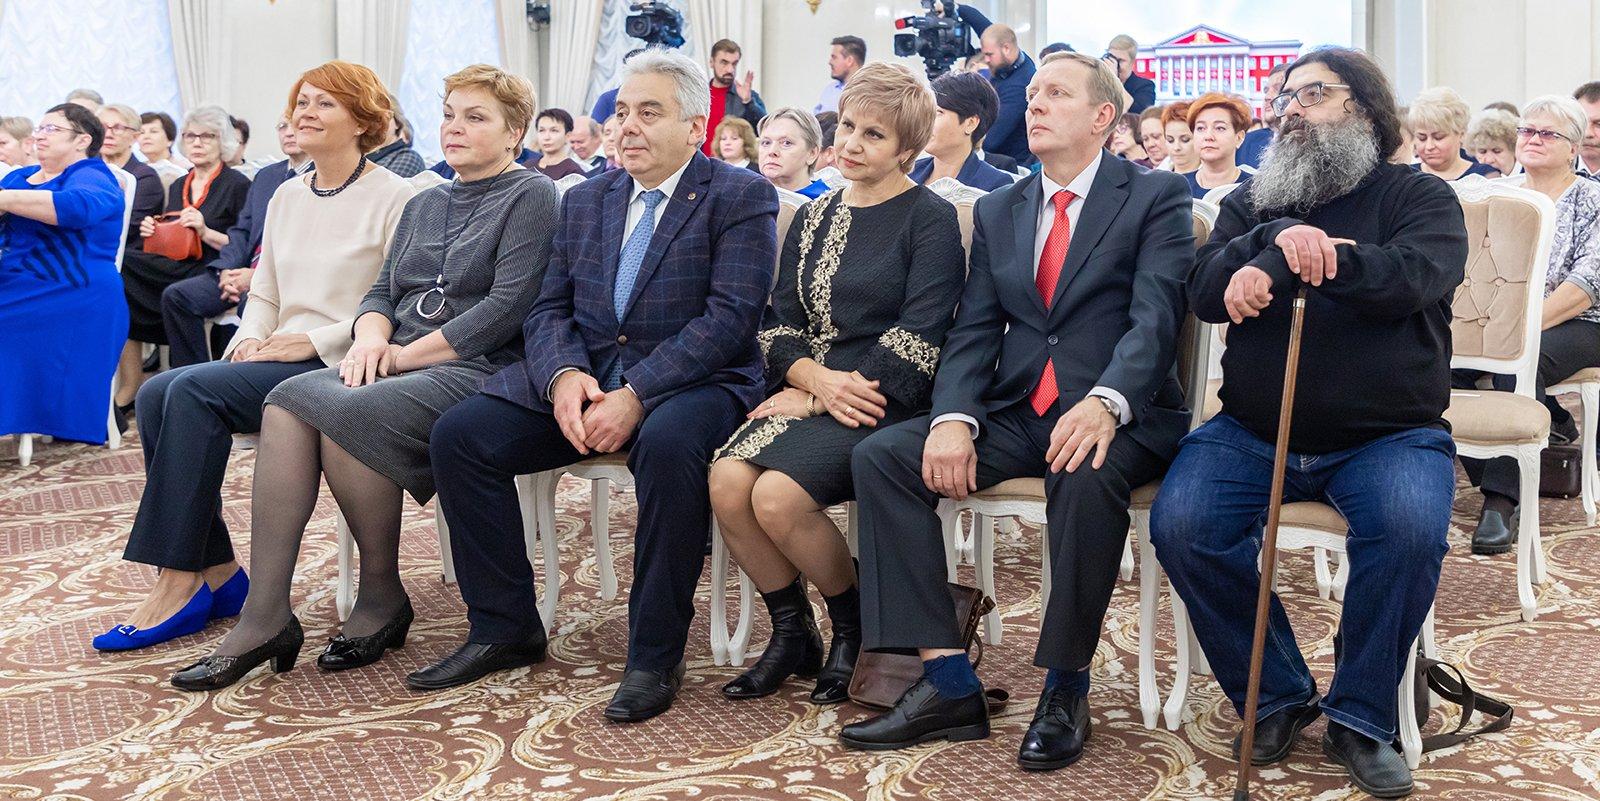 Сергей Собянин наградил сотрудников скорой помощи